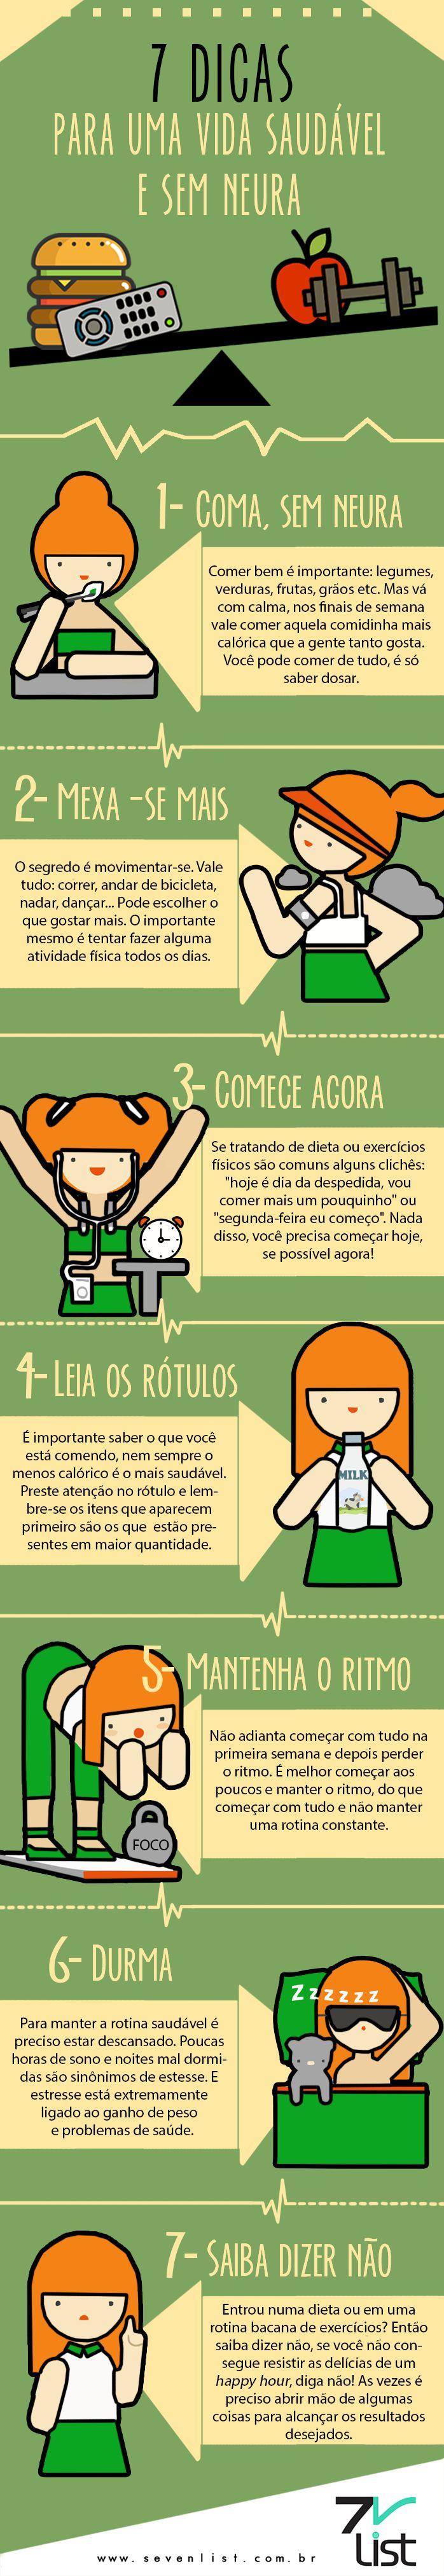 #Infográfico #Infographic #Sevenlist #Dicas #Saúde #Semneura #Alimentação…